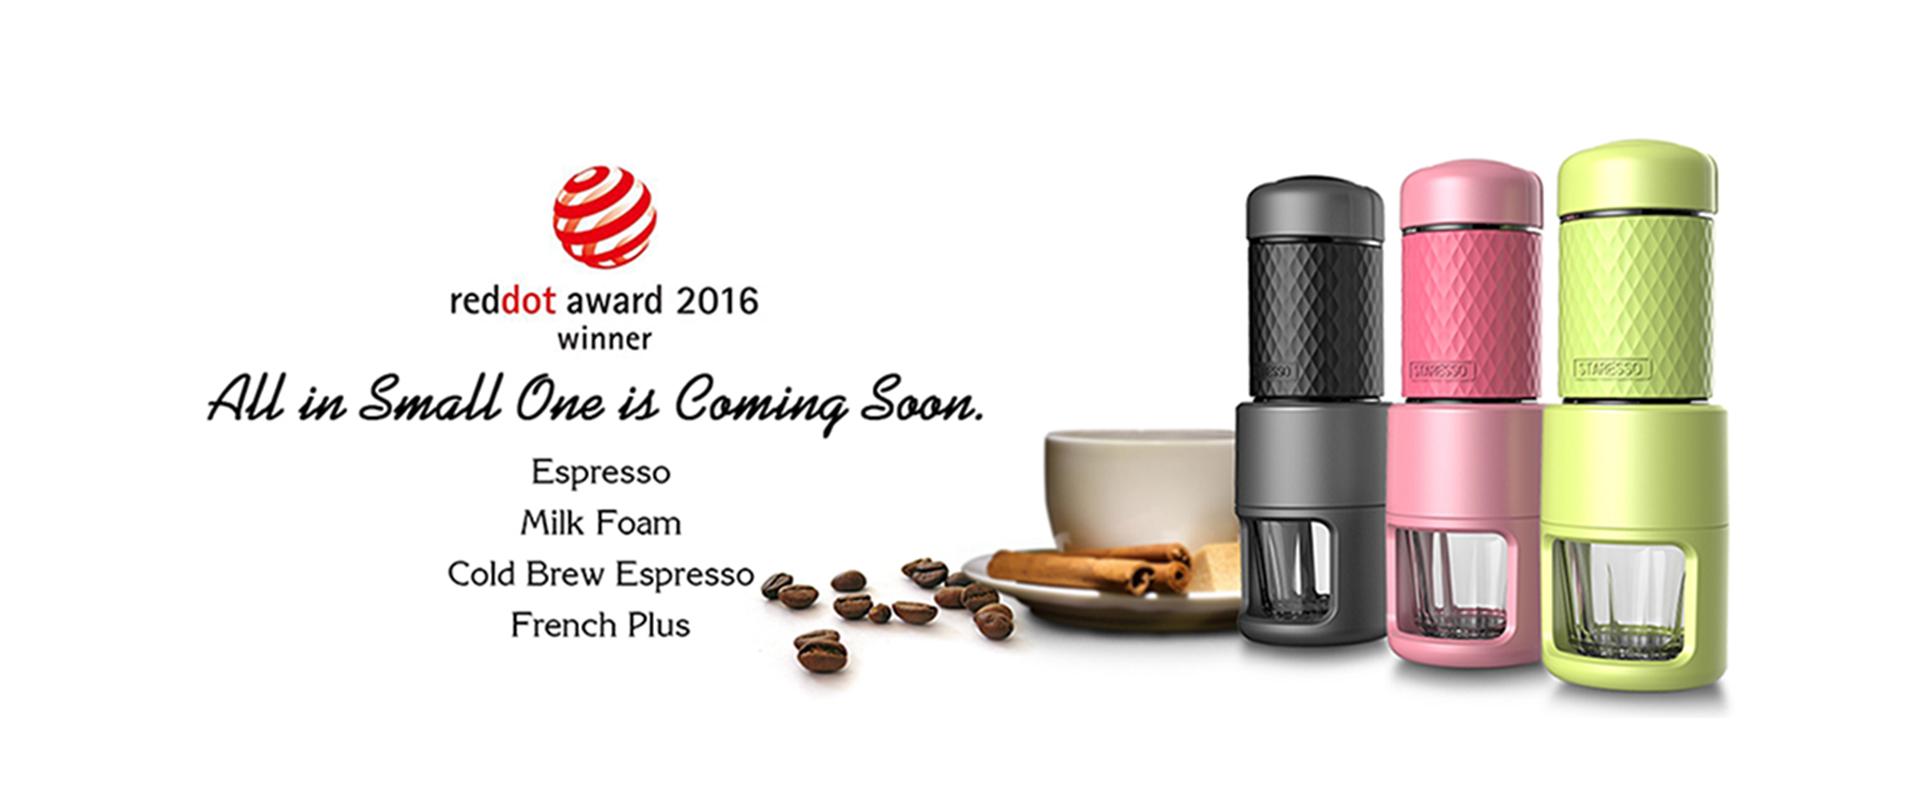 STARESSOエスプレッソコーヒーメーカー、Oneのポータブルコーヒーメーカーマシンのすべて。